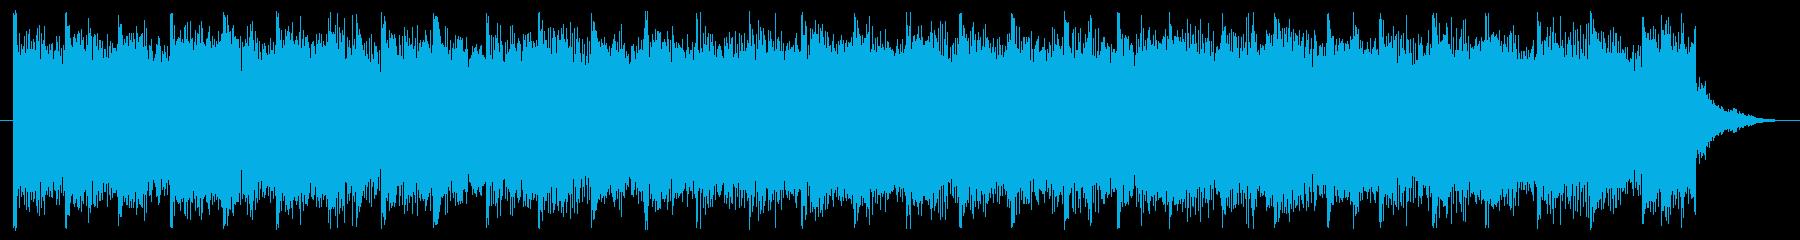 ブーン(サイレン、アラーム音)(低音)の再生済みの波形